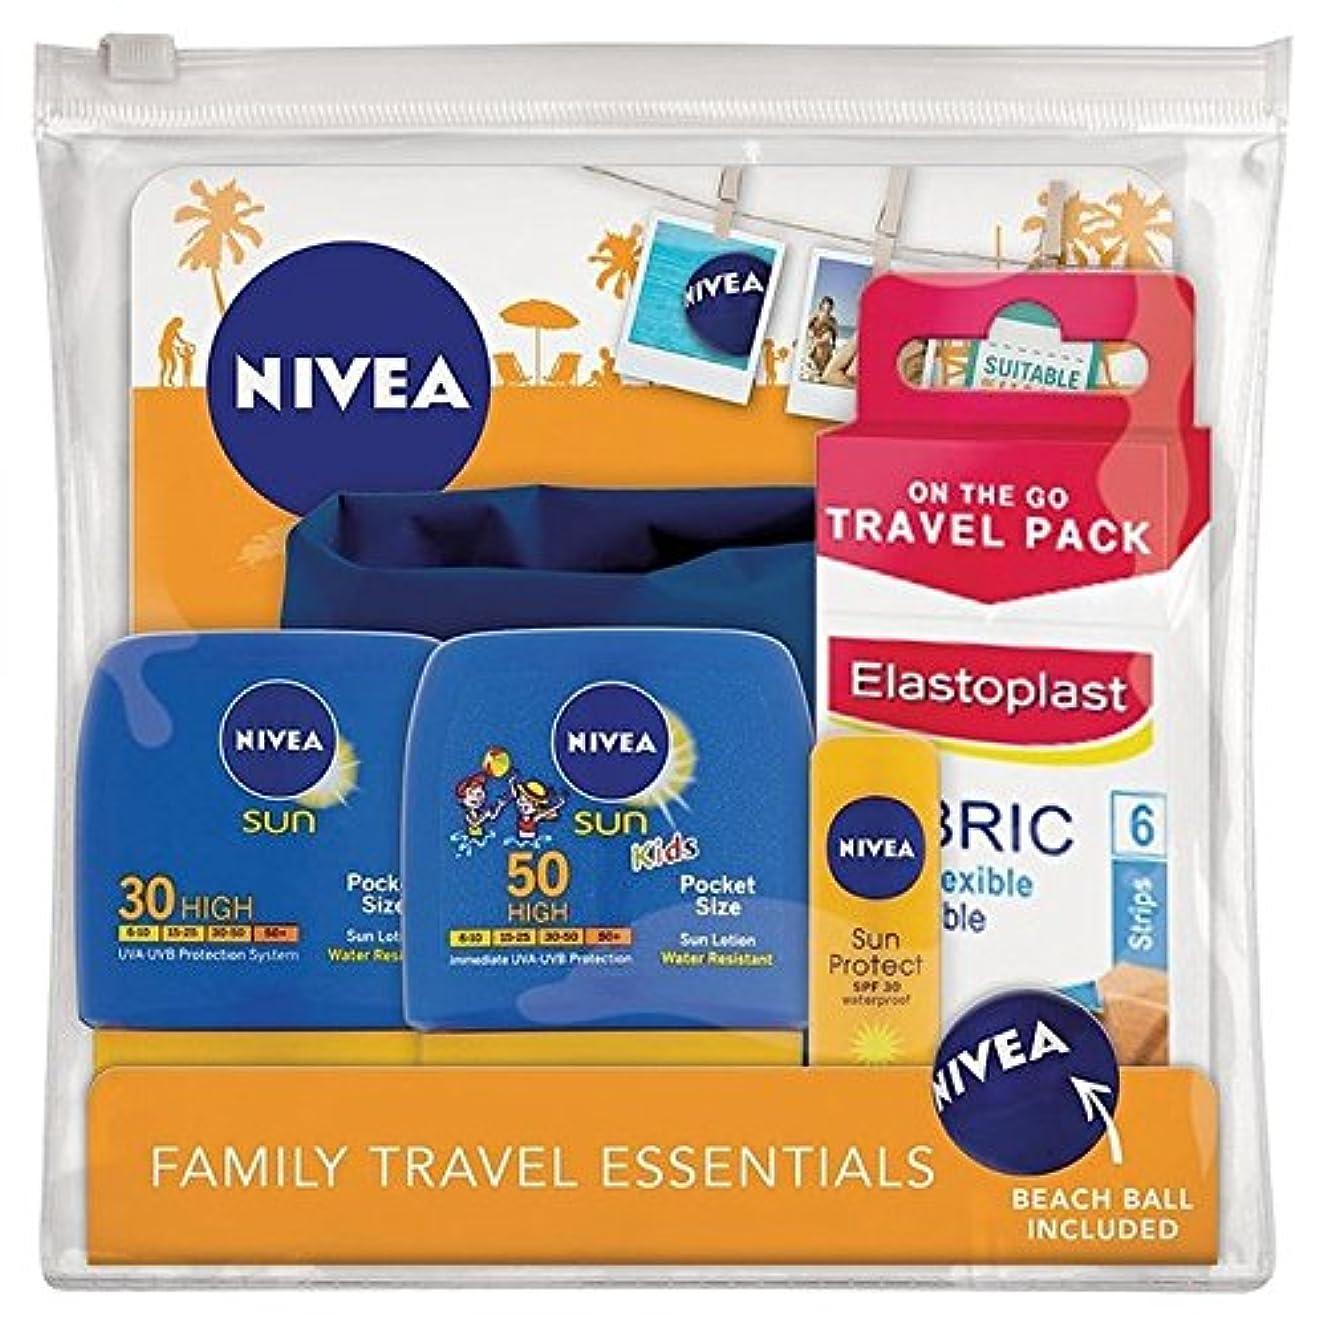 屈辱するバナープリーツニベア日旅行パック x2 - Nivea Sun Travel Pack (Pack of 2) [並行輸入品]